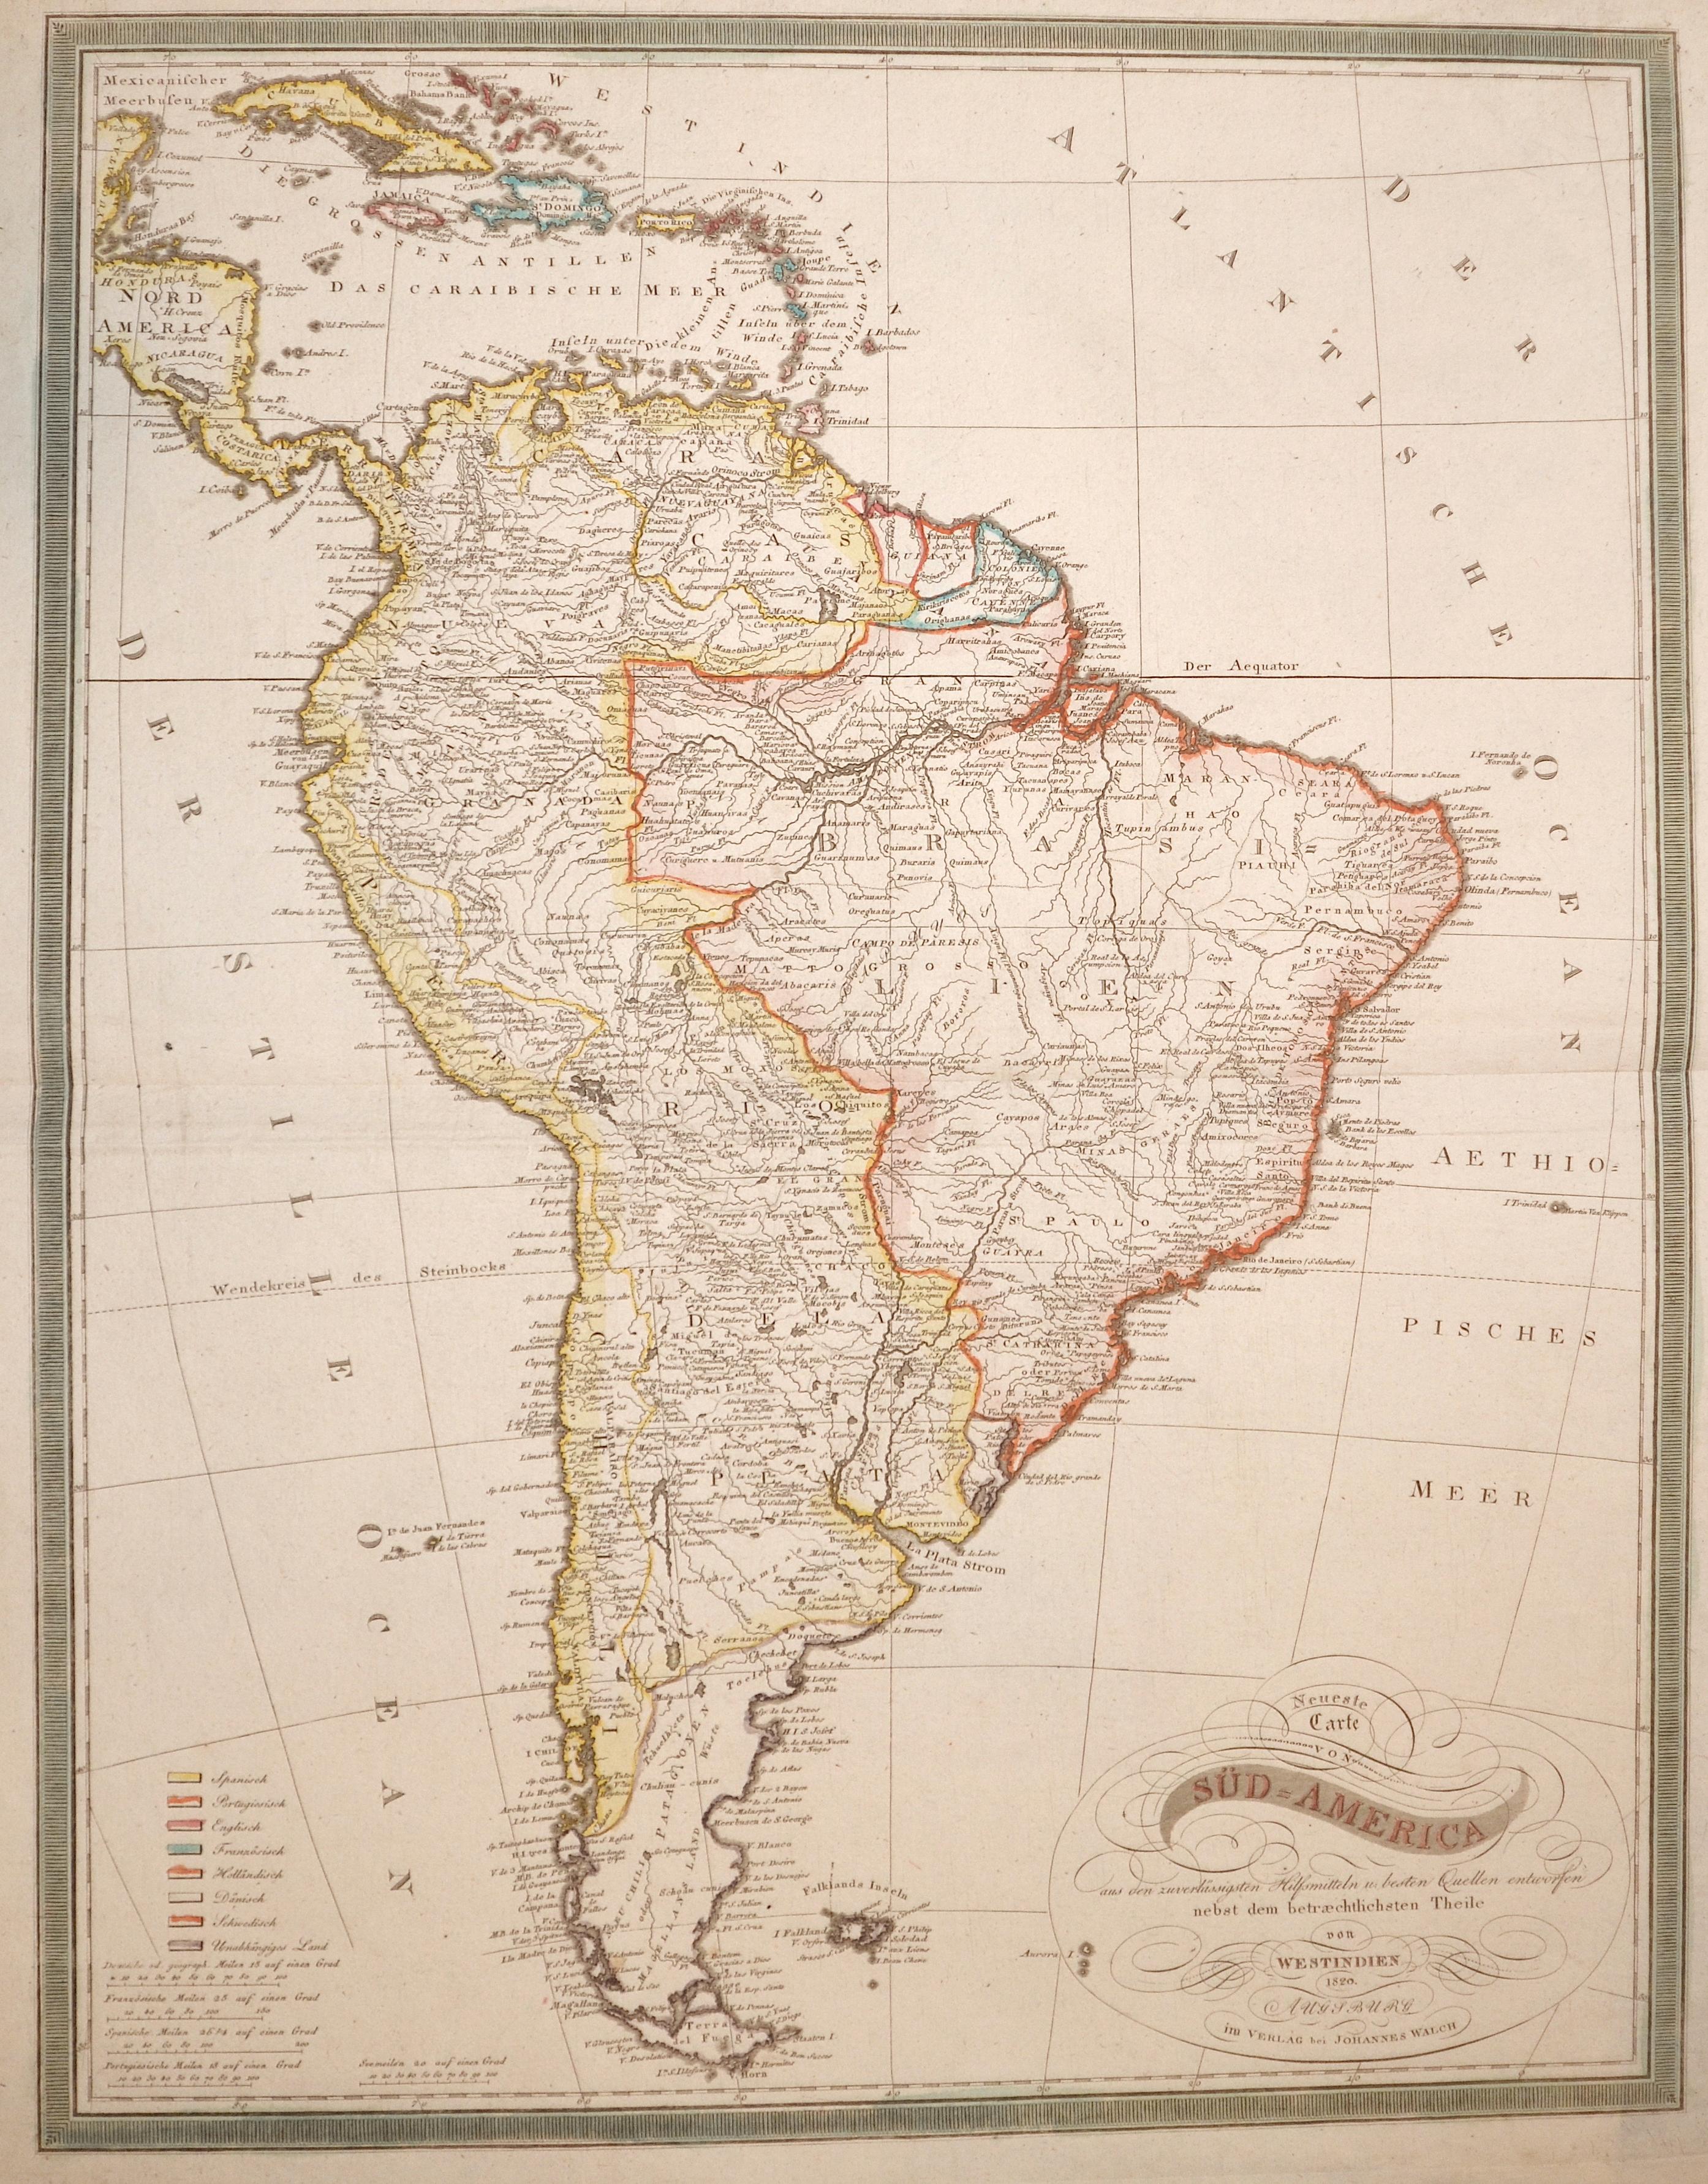 Walch Johann Neueste Carte von Süd-America aus den zuverlässigsten Hilfsmitteln u. besten Quellen entworfen nebst dem betraechtlichsten Theile von Westindien